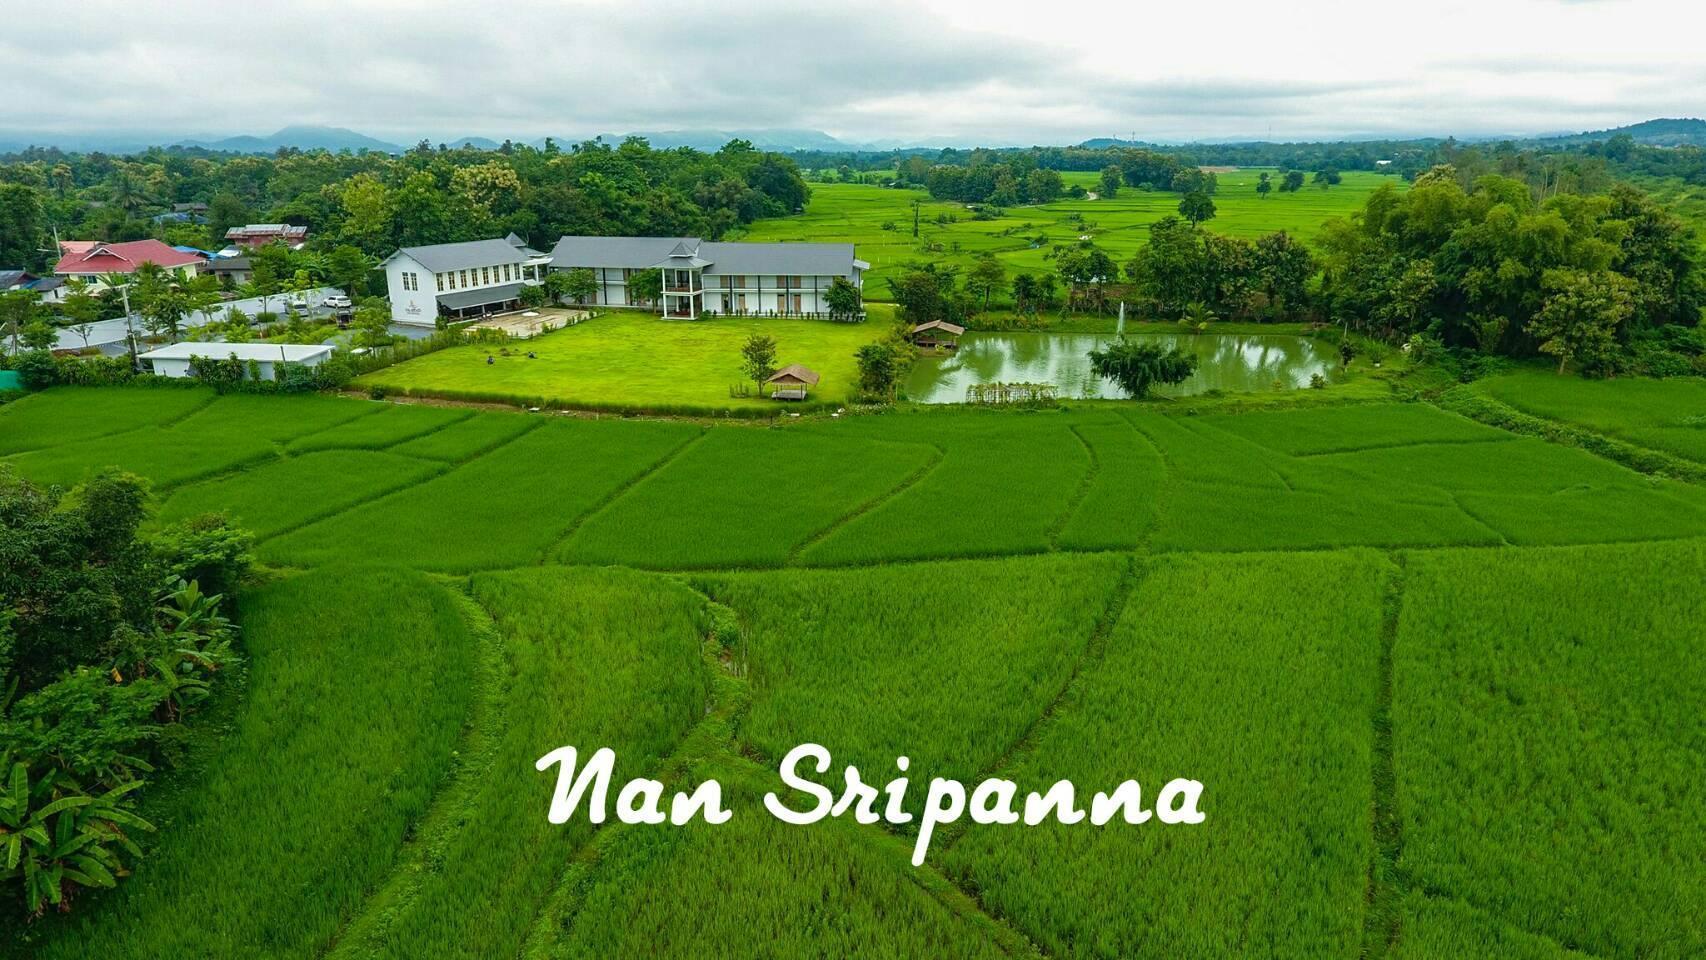 Nan Sripanna